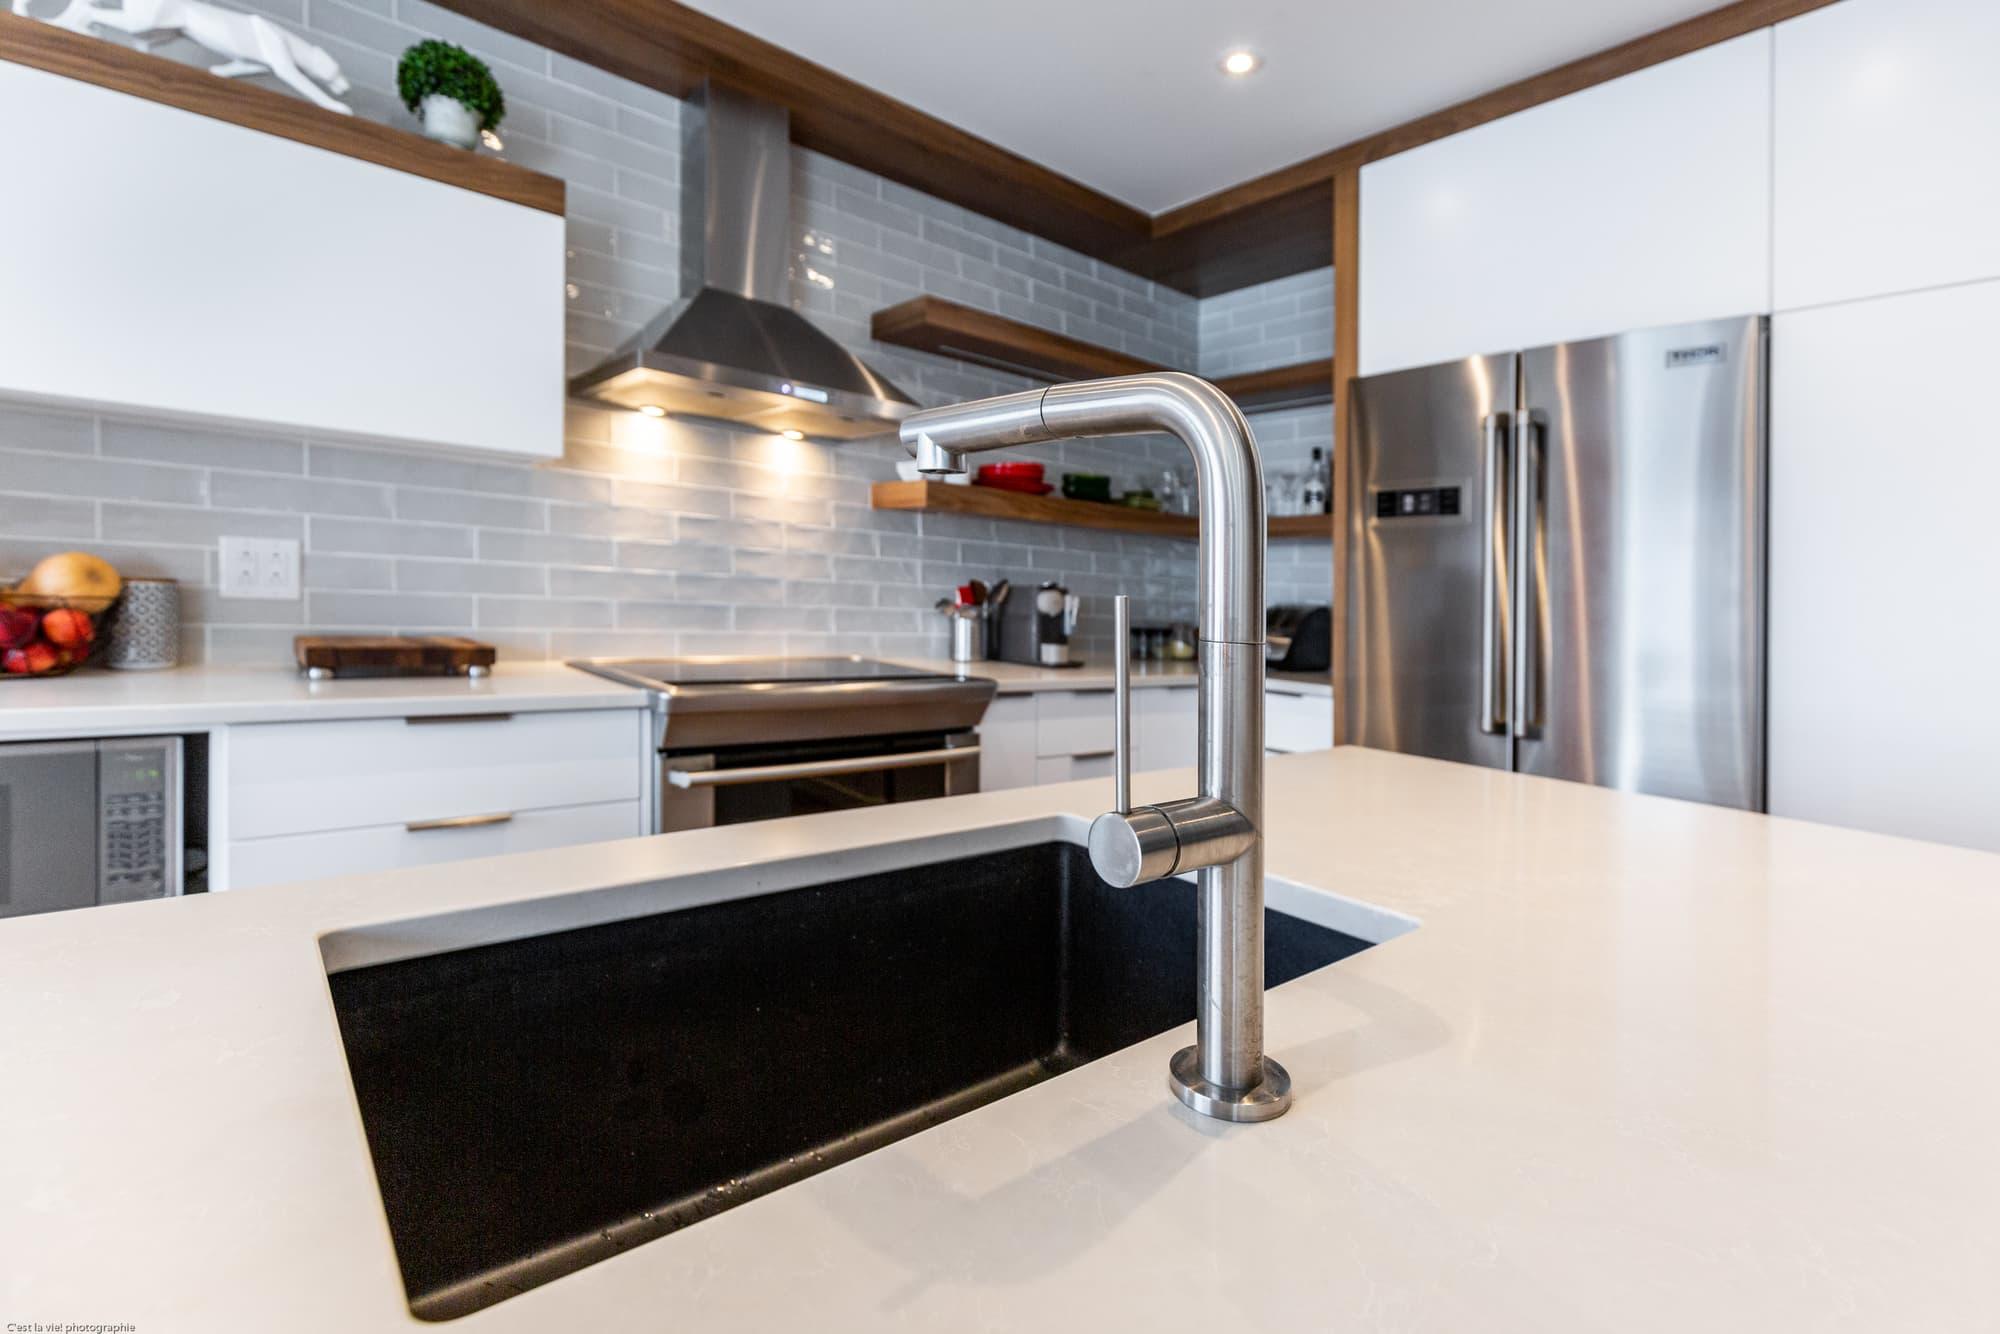 rénovation de cuisine avec lavabo encastré et armoires blanches